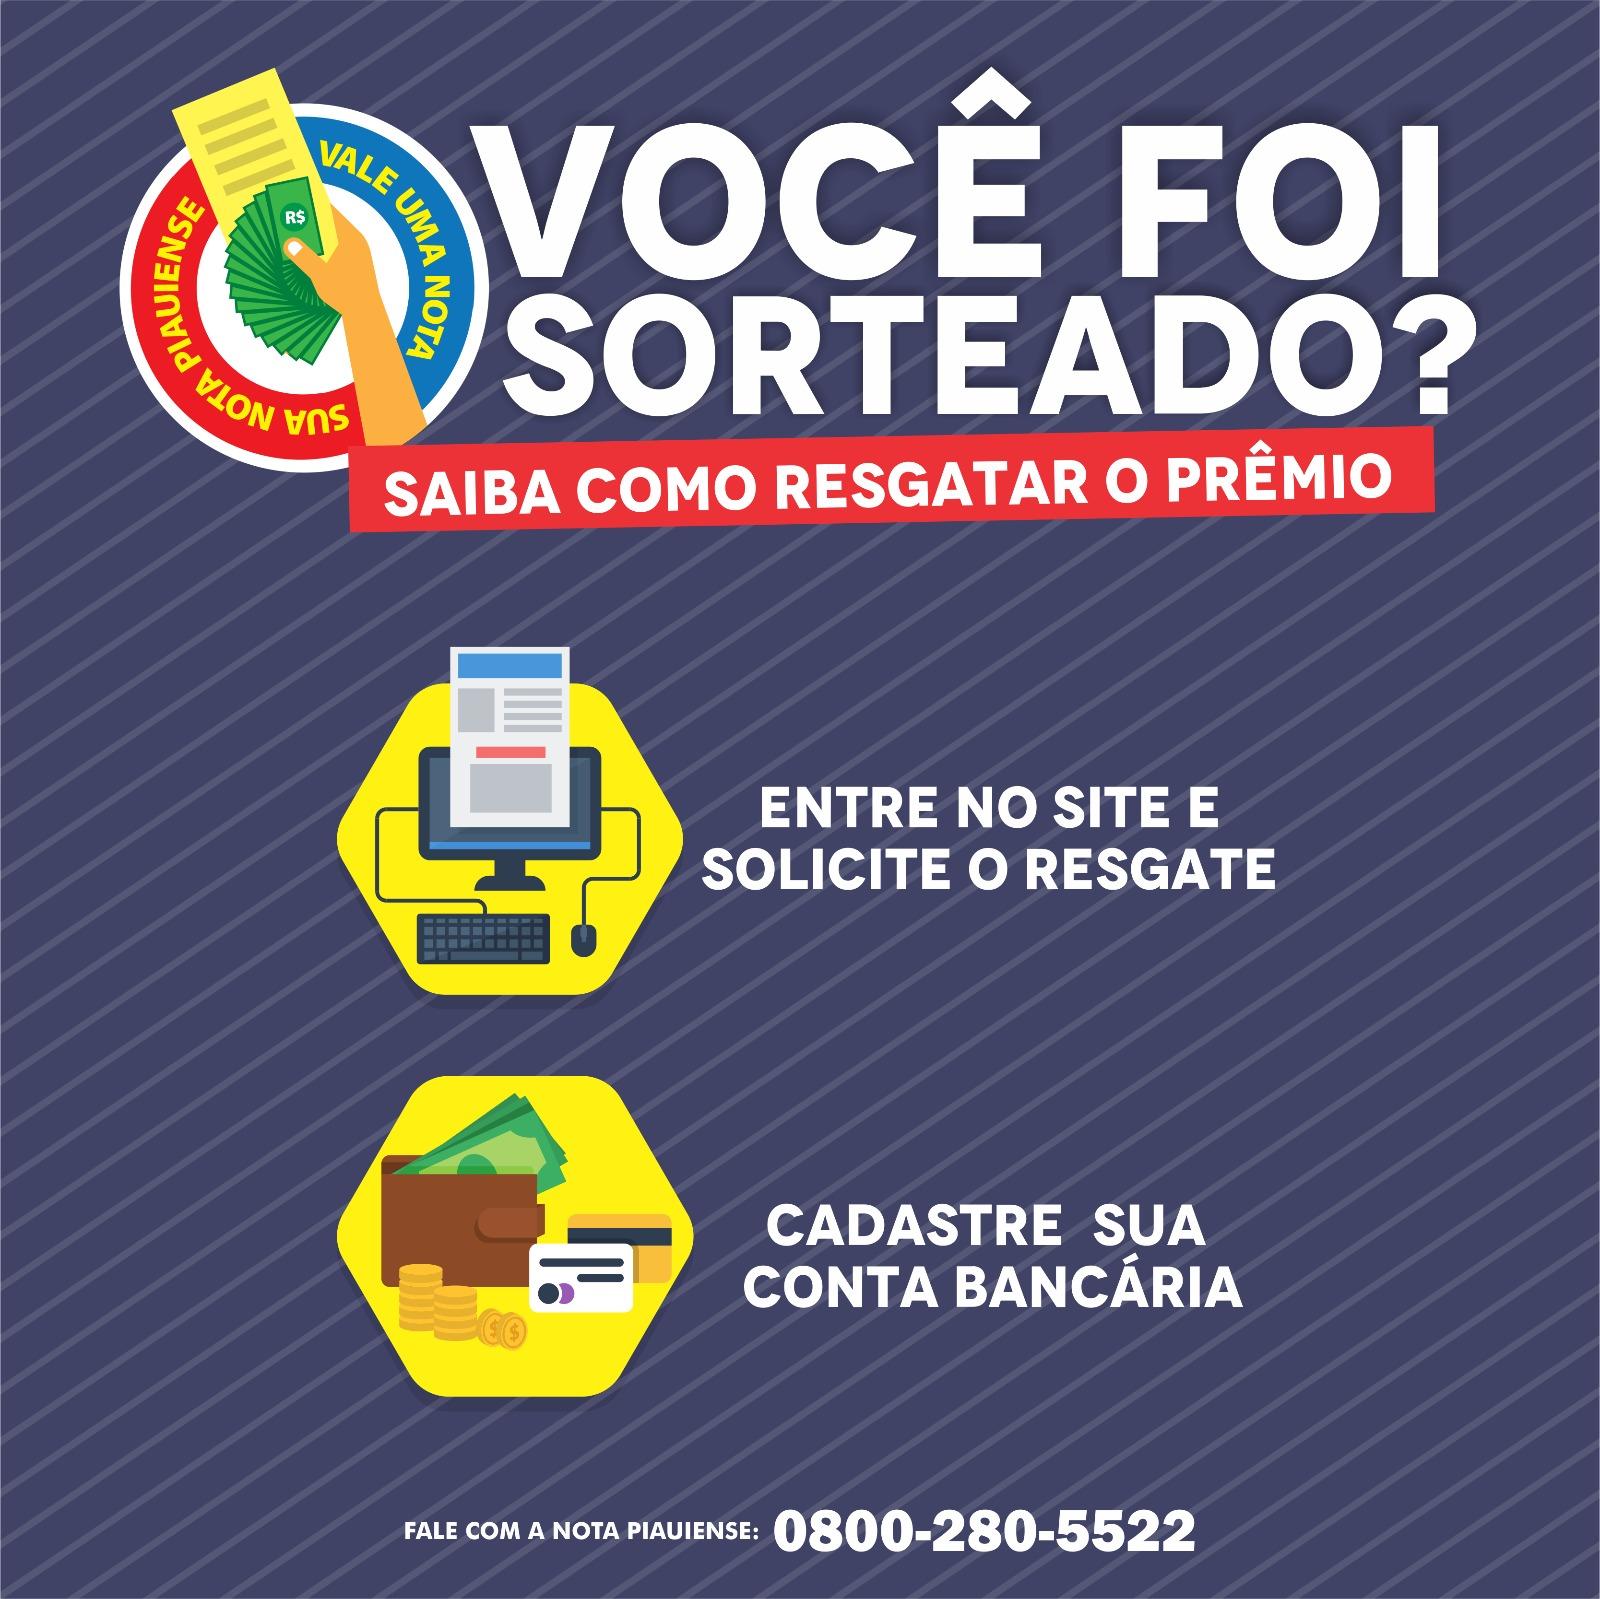 Consumidor precisa solicitar resgate para receber prêmio da Nota Piauiense